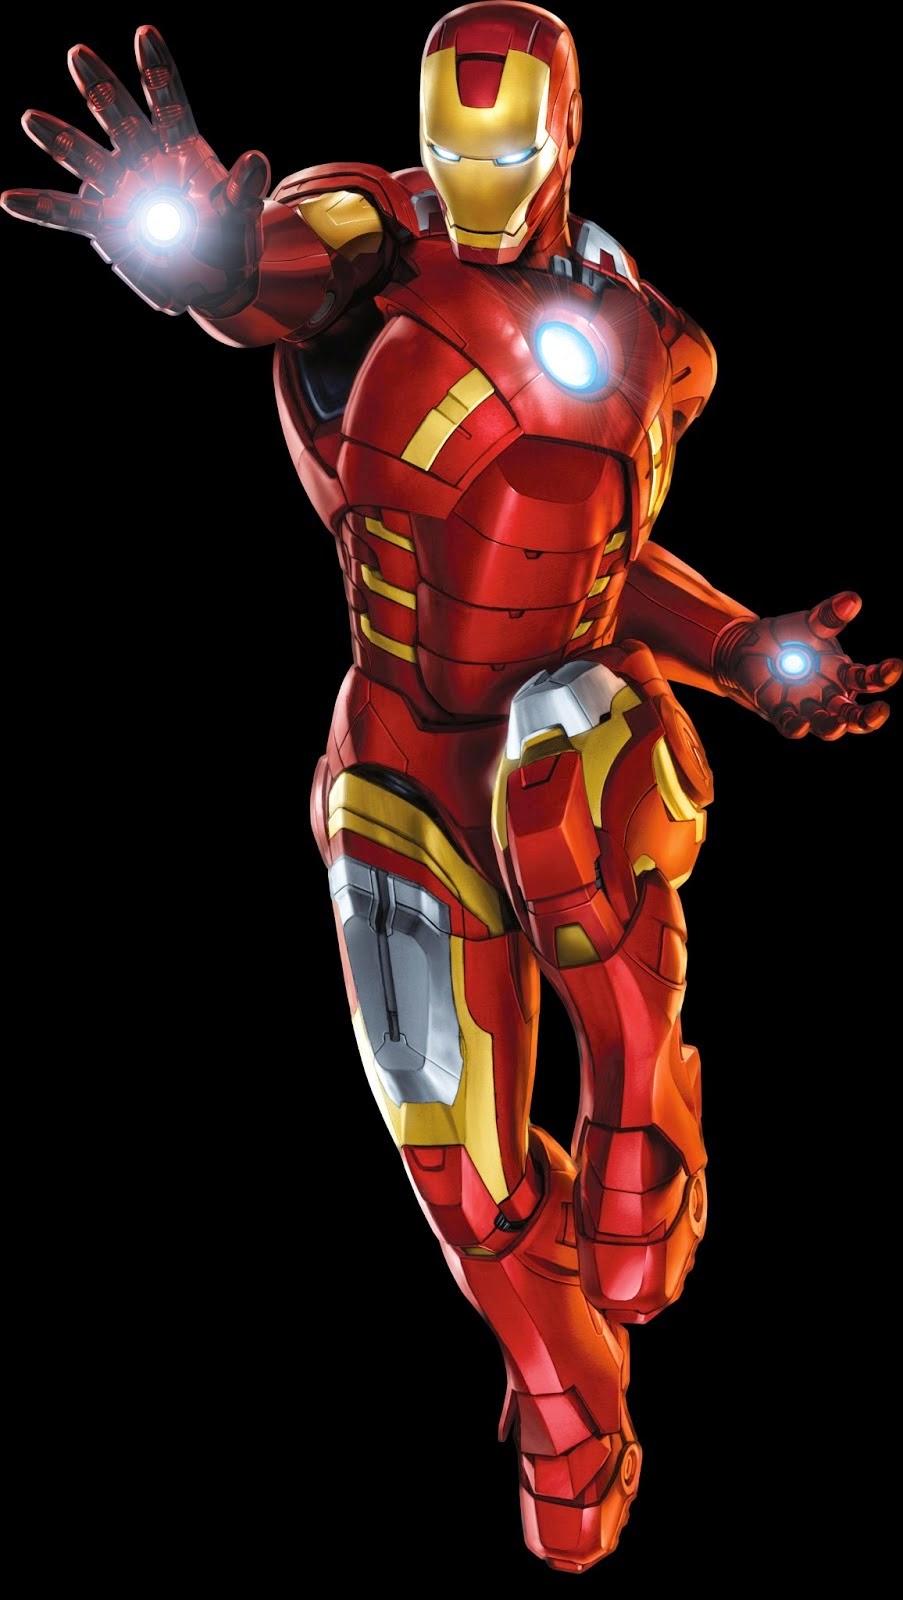 Imagenes para imprimir gratis de Iron Man.